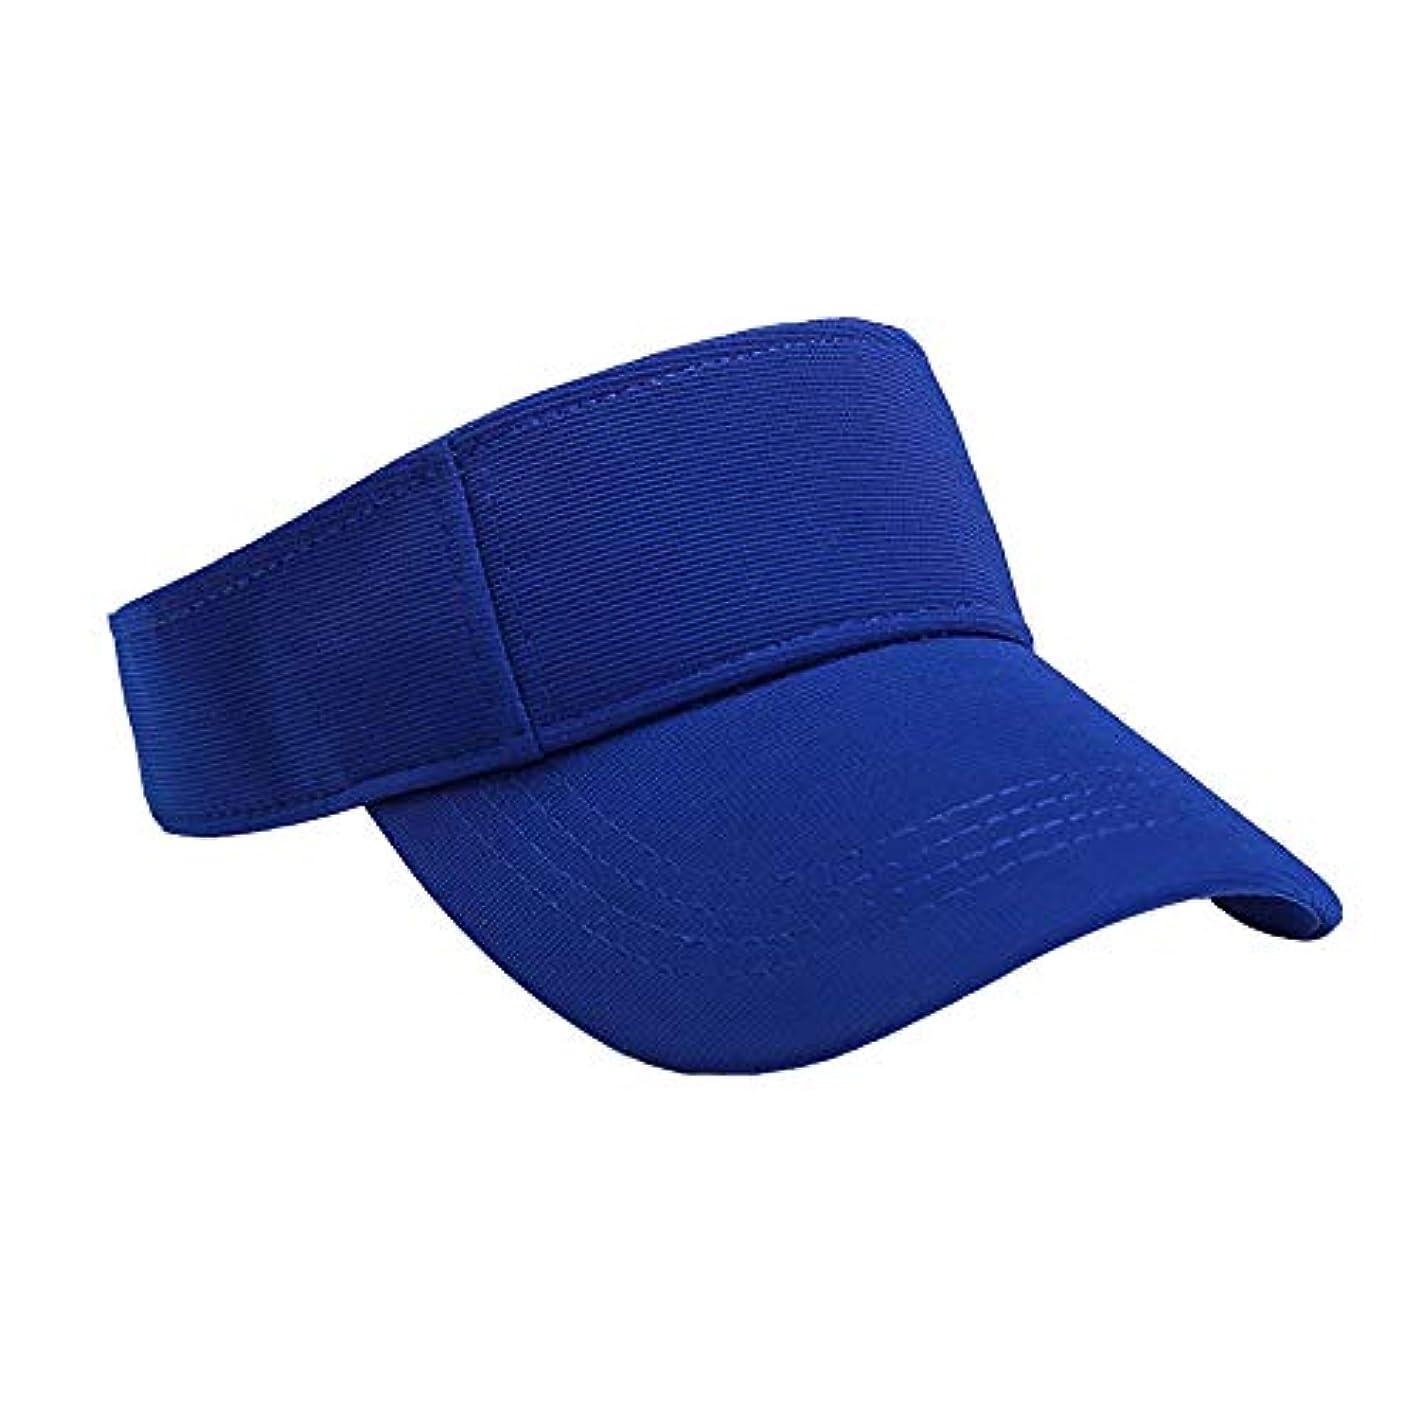 台風思い出す浮くMerssavo ユニセックスサマースポーツキャップ、サン帽子レディーステニスゴルフバイザーメッシュ野球帽、調節可能な屋外オープントップヘッドトラベルハイキング帽子、ブルー